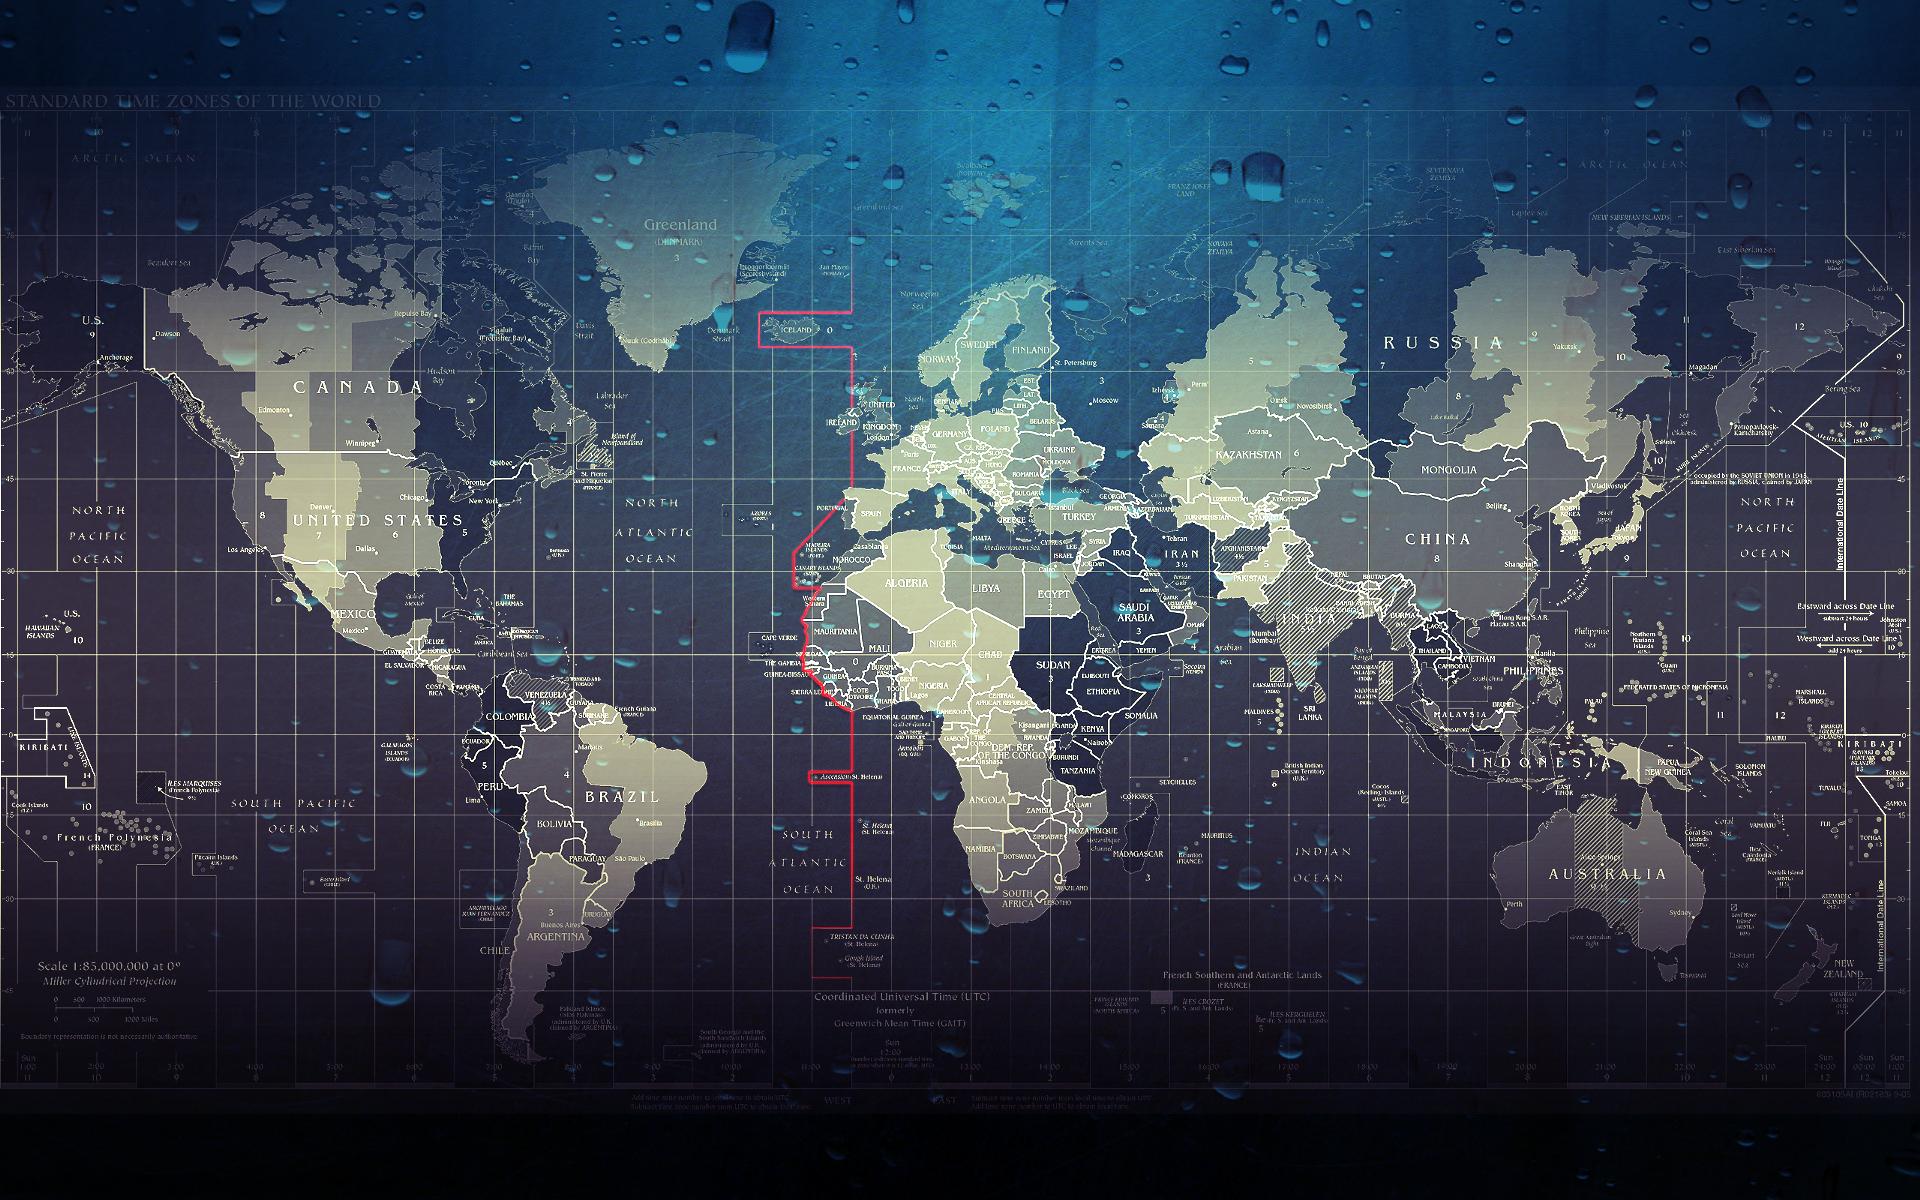 maps water drops world map wallpaper 1920x1200 8755 WallpaperUP 1920x1200